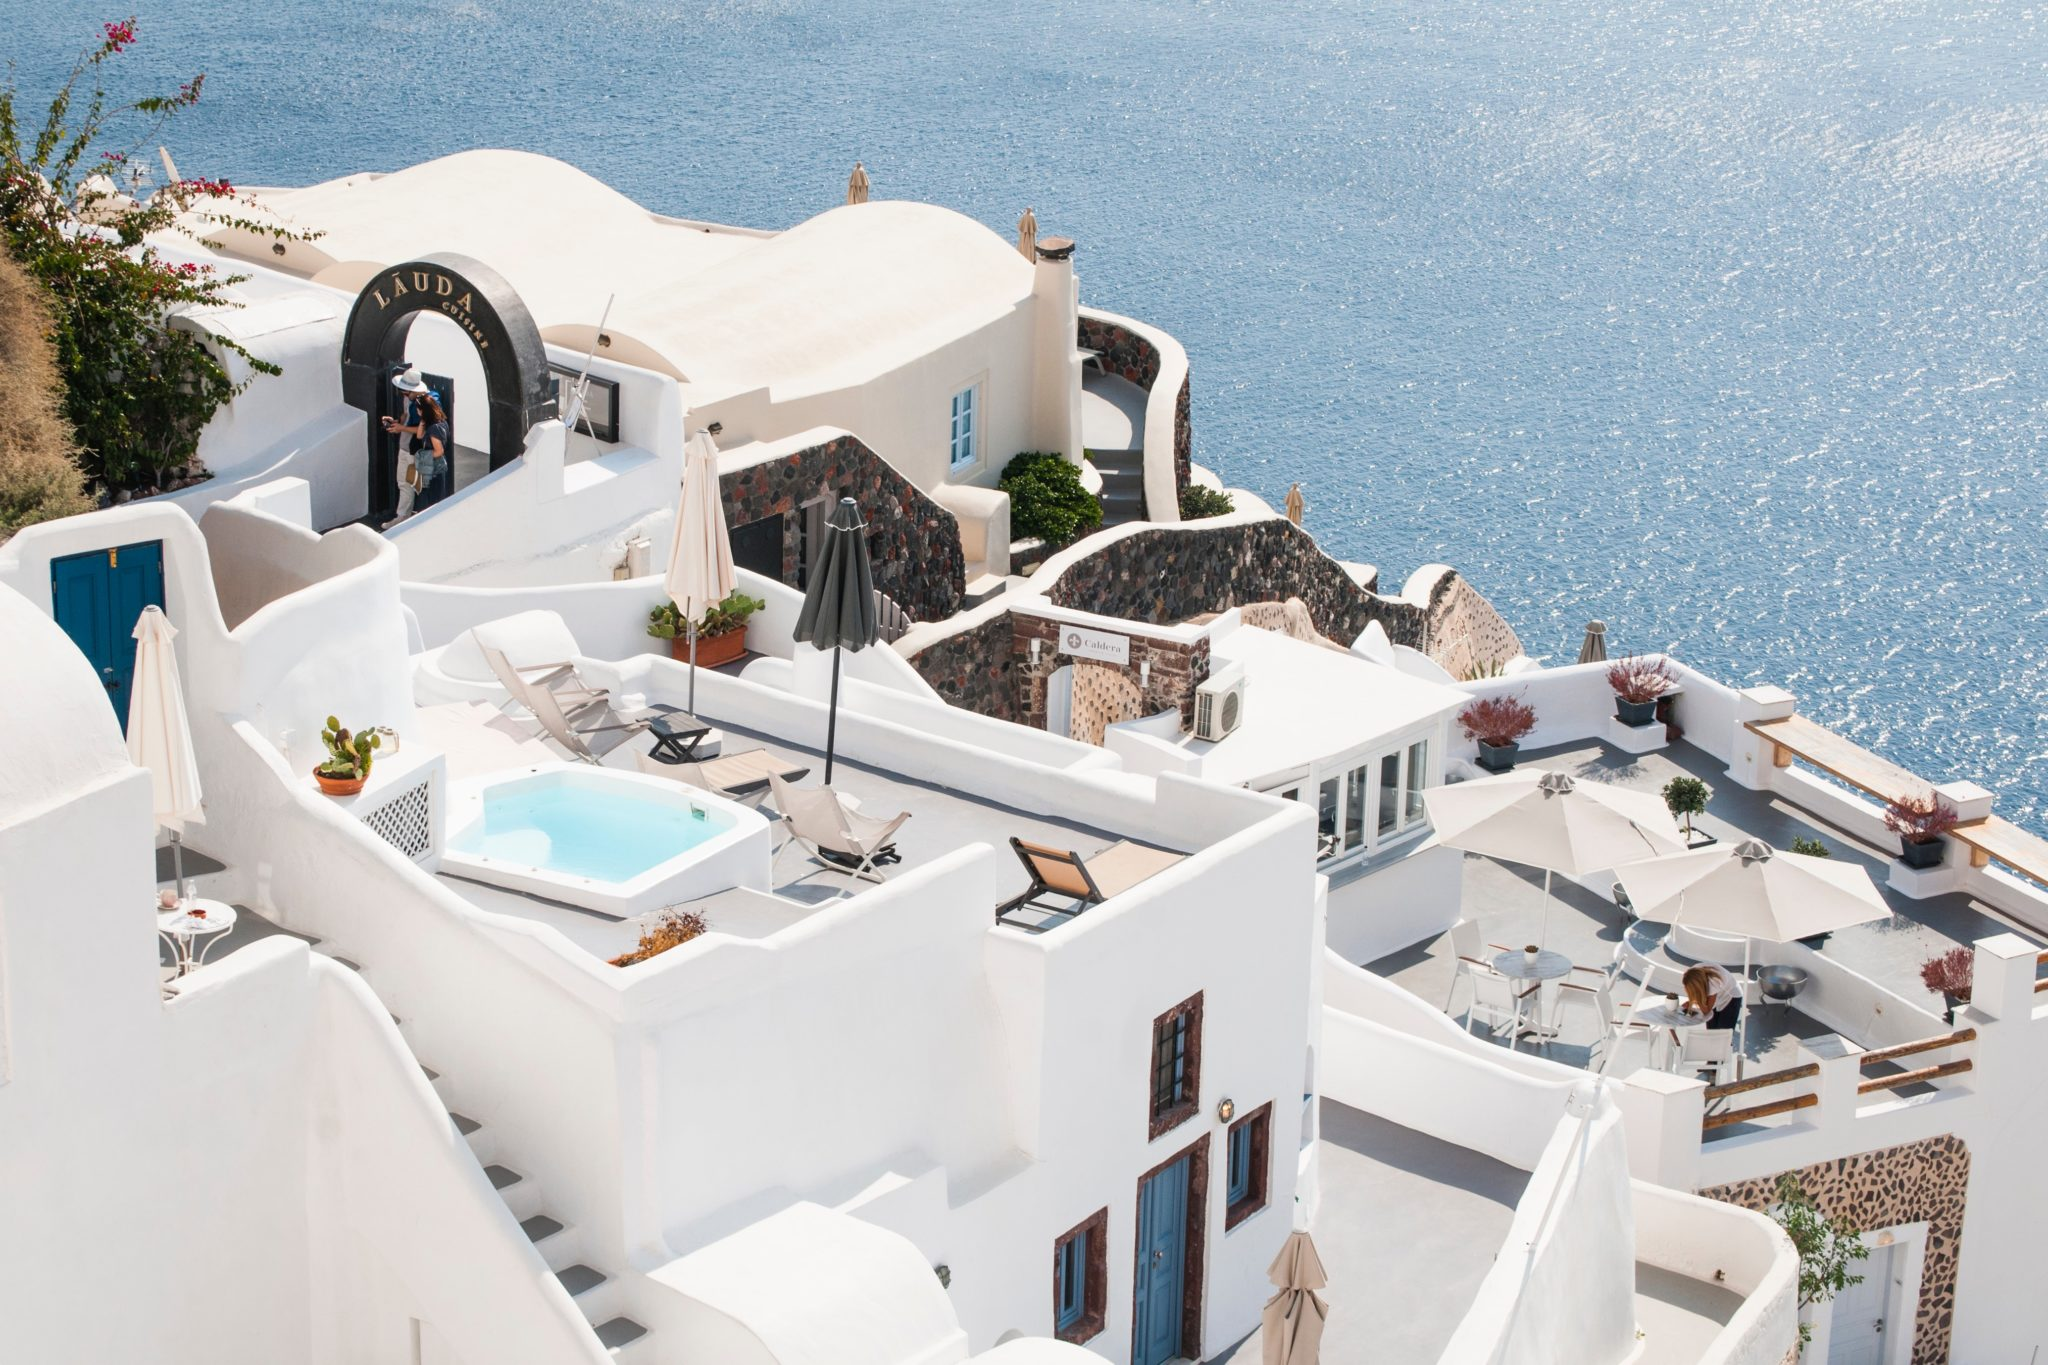 Flüge nach Griechenland